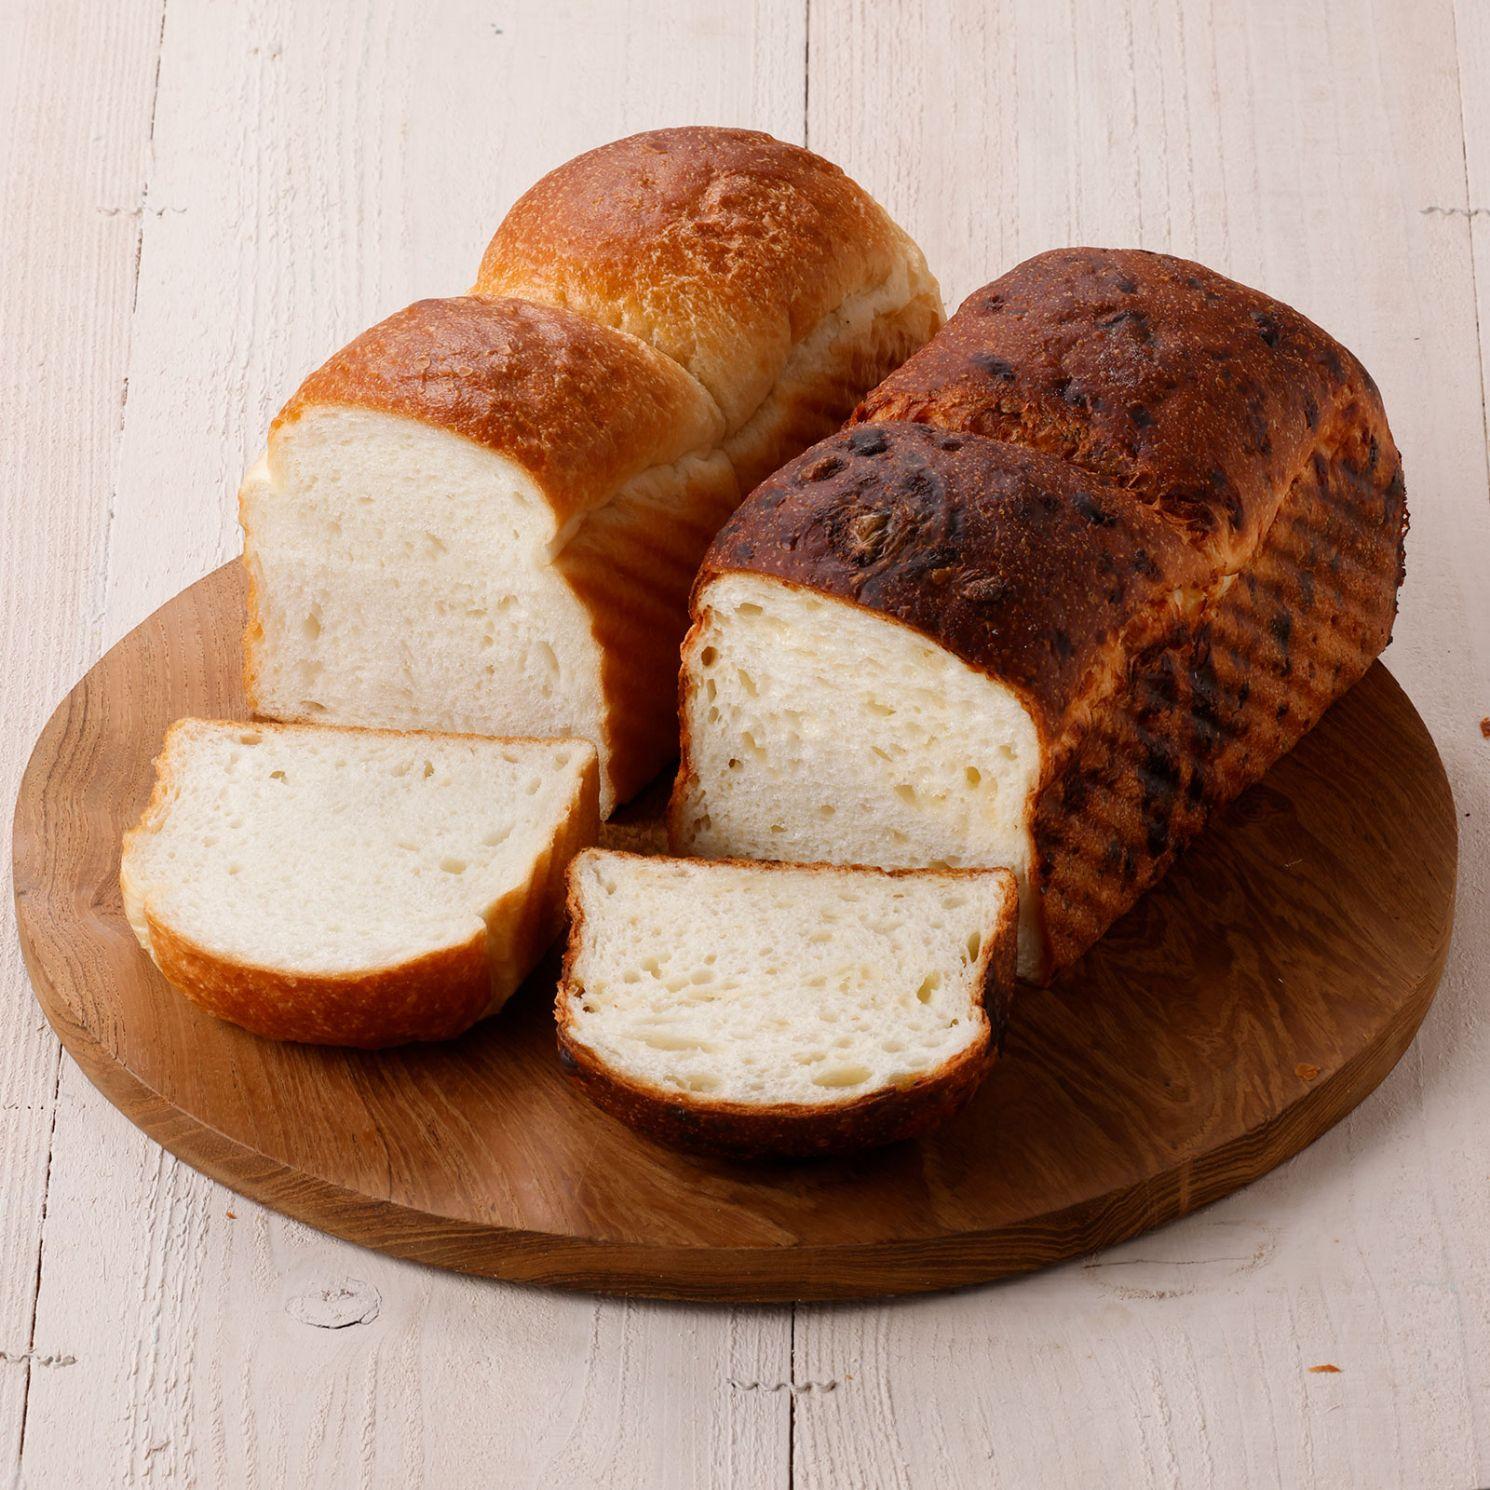 もちもち食感のプレーン食パンと、ゴーダチーズとグリュイエールチーズを練り込んだチーズ食パンの2本セット